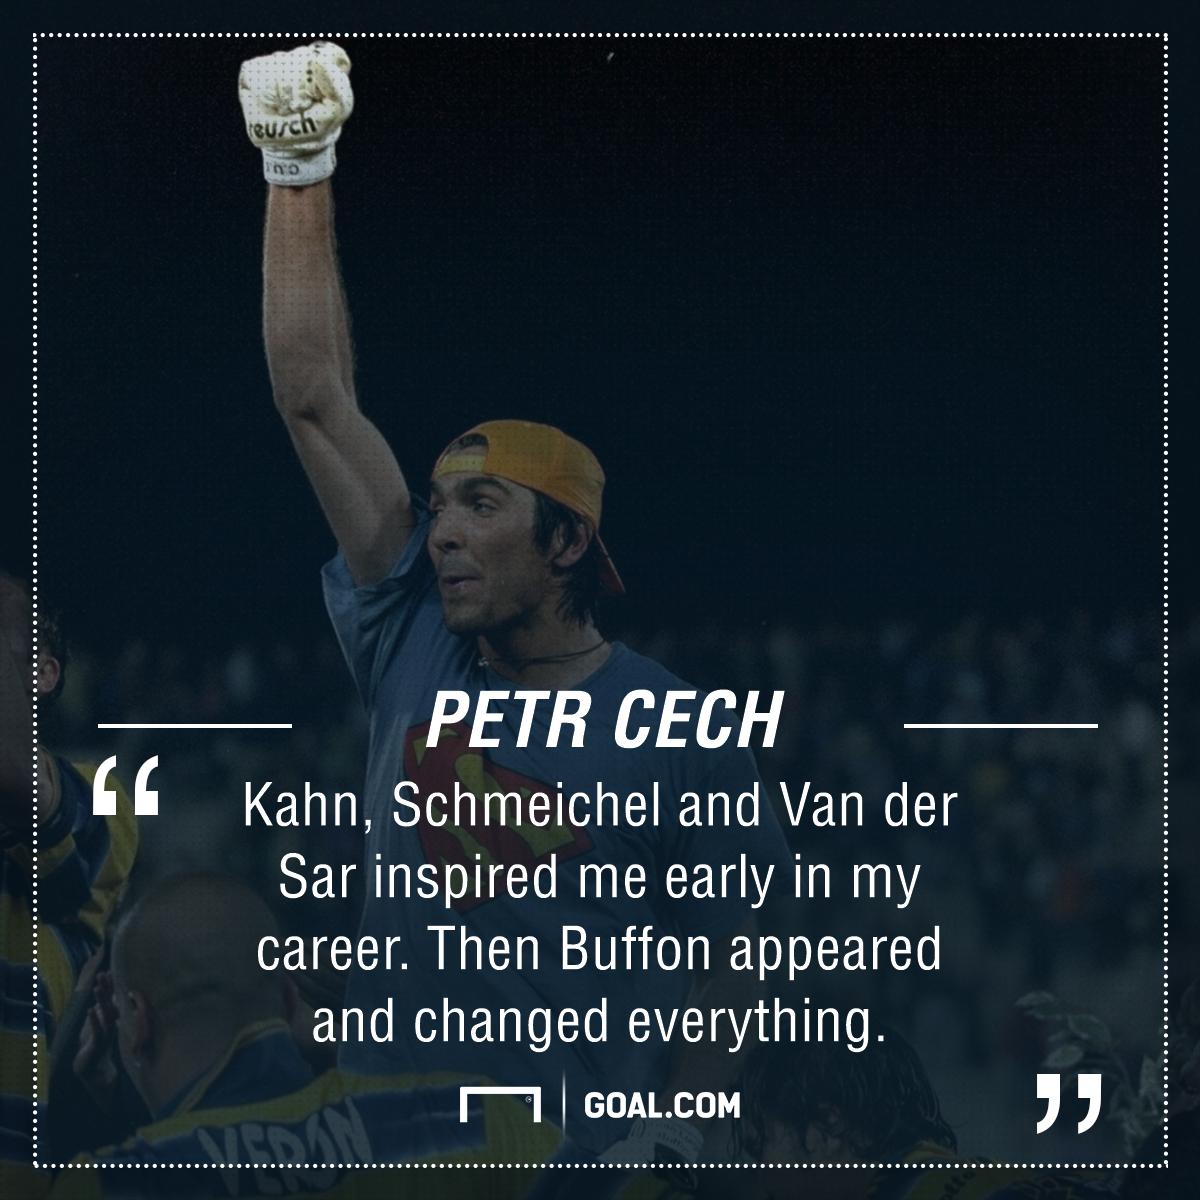 Gianluigi Buffon Petr Cech PS